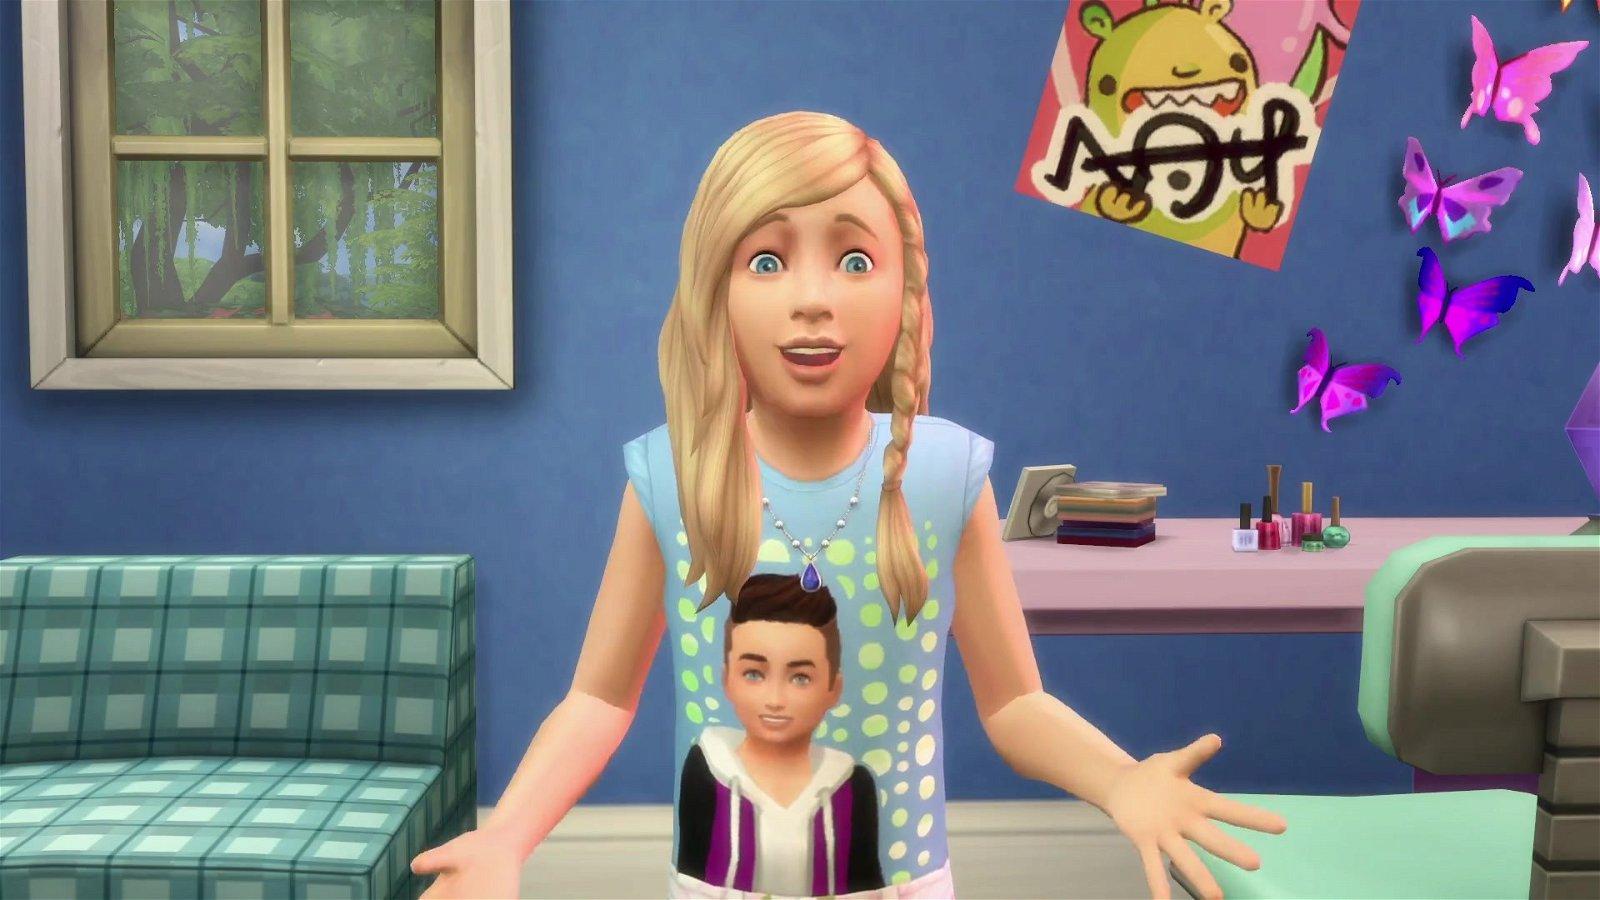 Los Sims 4: Los jóvenes se vuelve más realistas que nunca con la nueva actualización